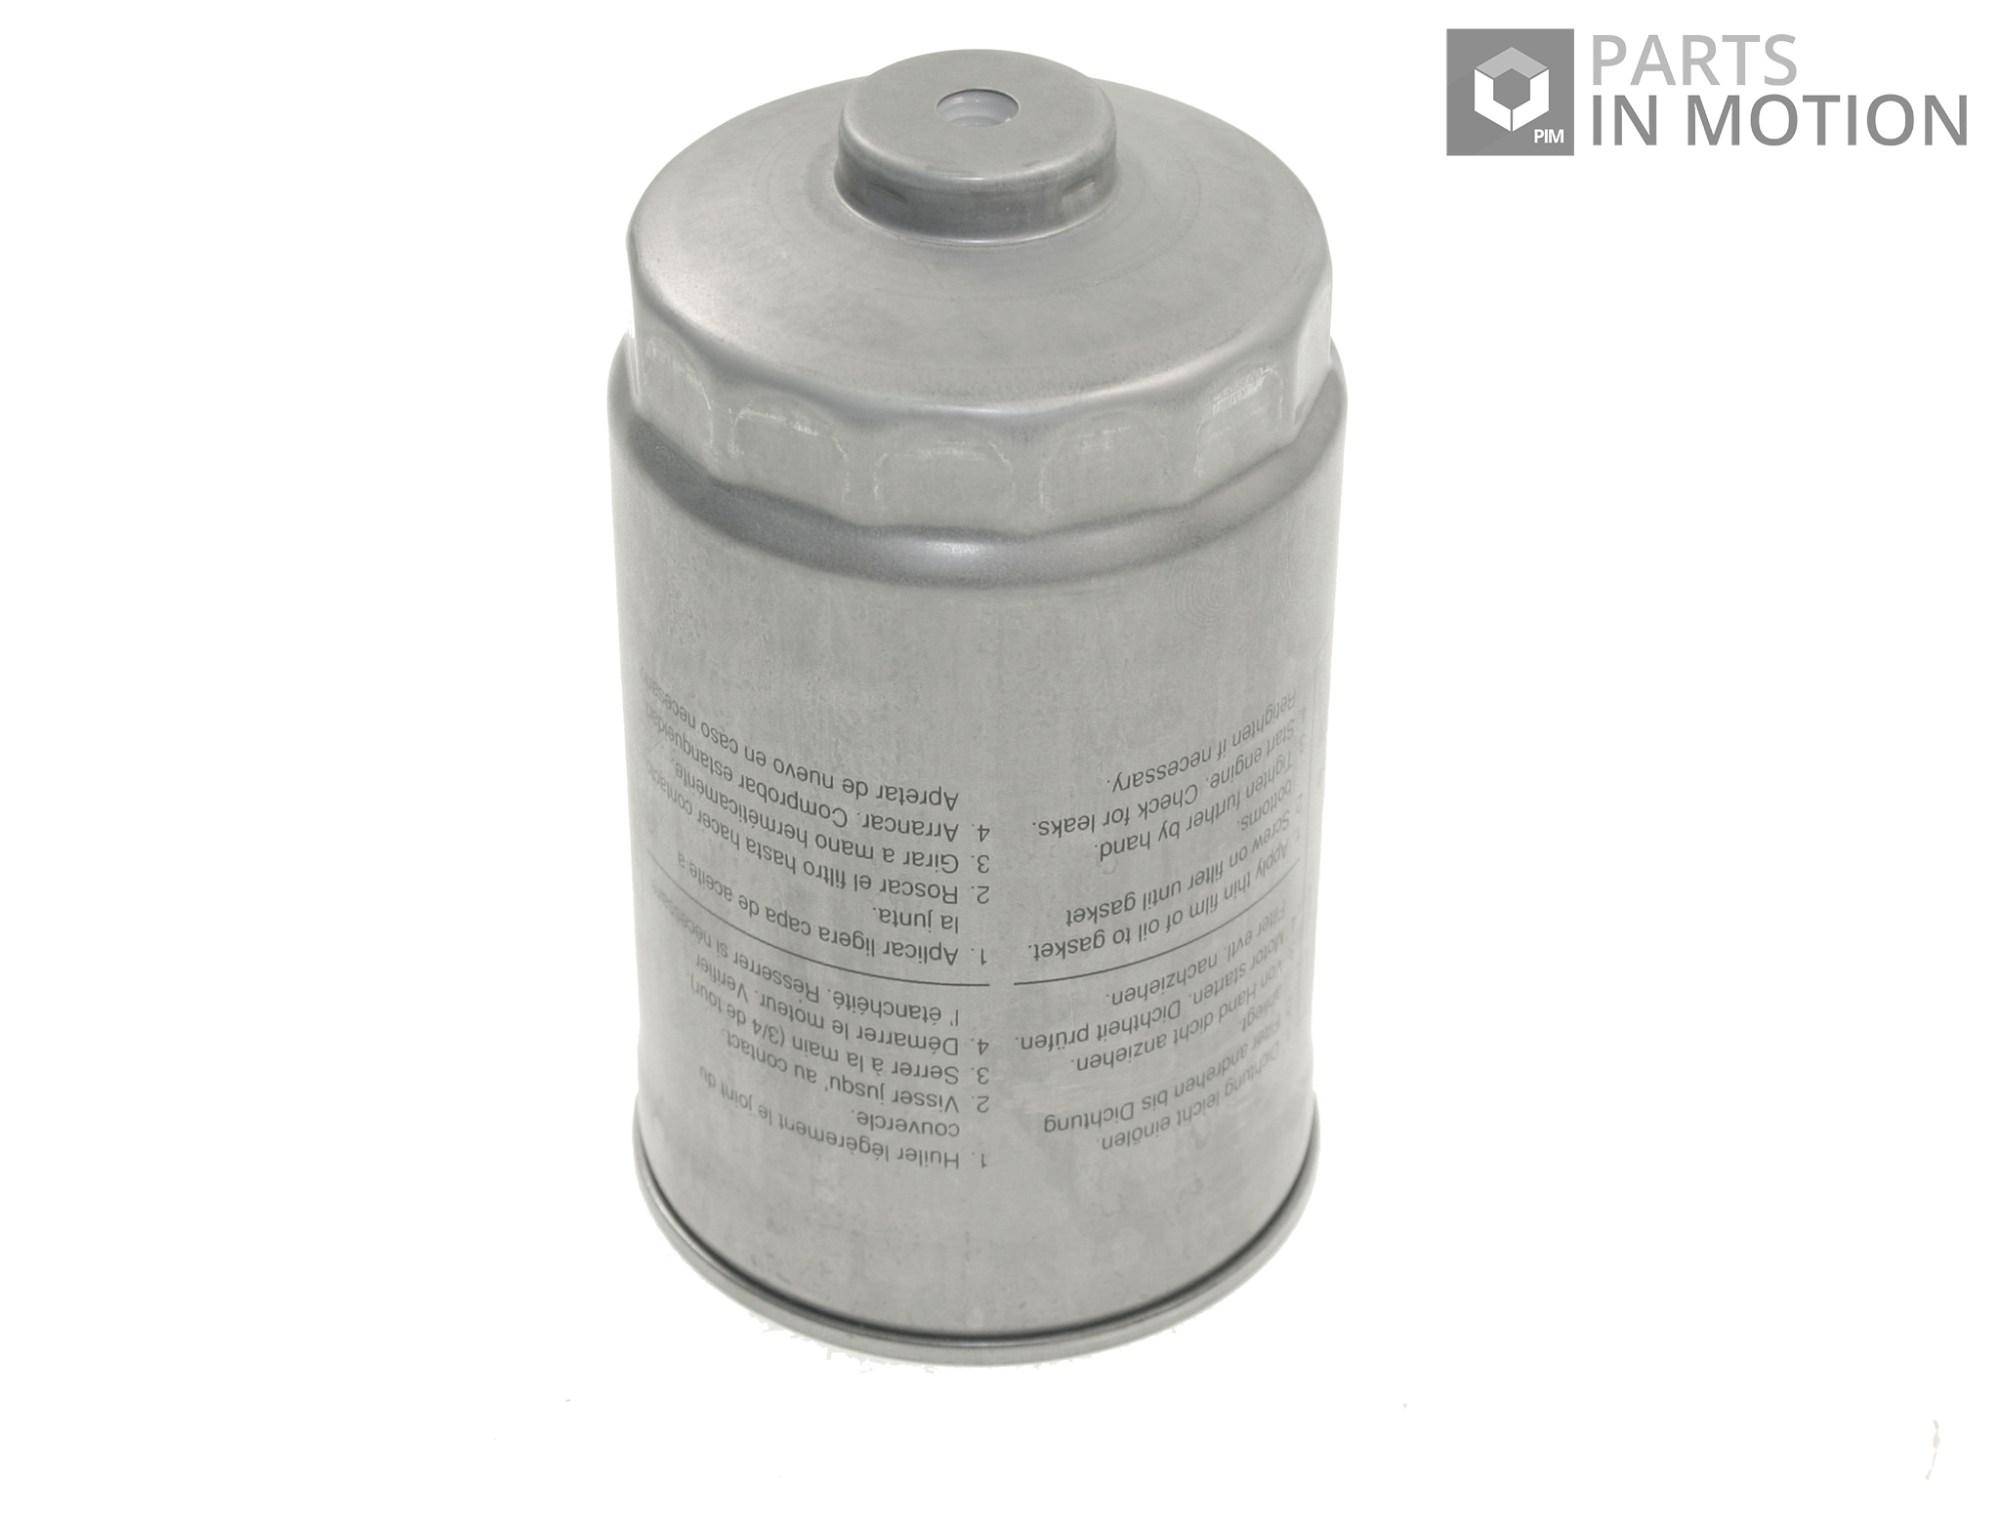 hight resolution of blue print fuel filter adg02365